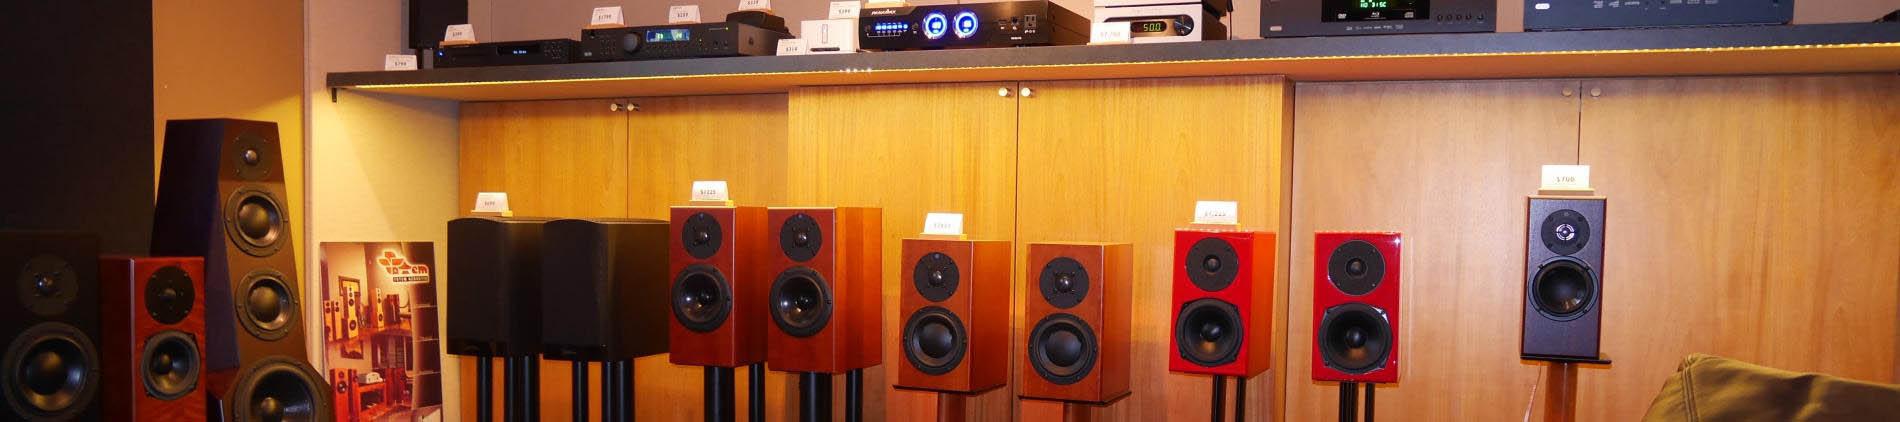 High fidelity audio